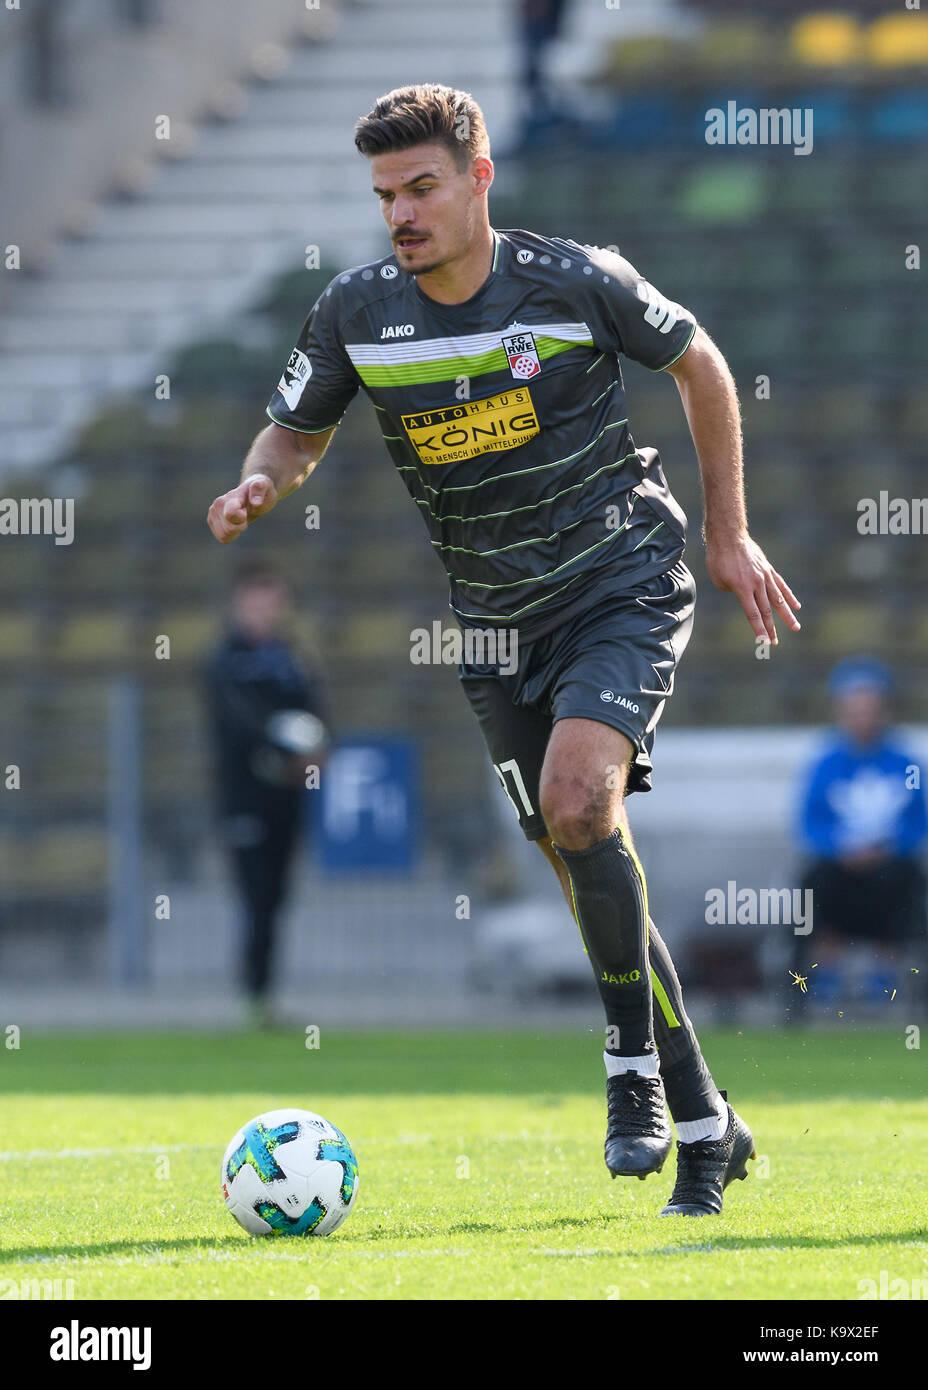 Karlsruhe, Deutschland. 24th Sep, 2017. Christopher Bieber (RW) Einzelaktion, Freisteller. GES/ Fussball/ 3. Liga: - Stock Image